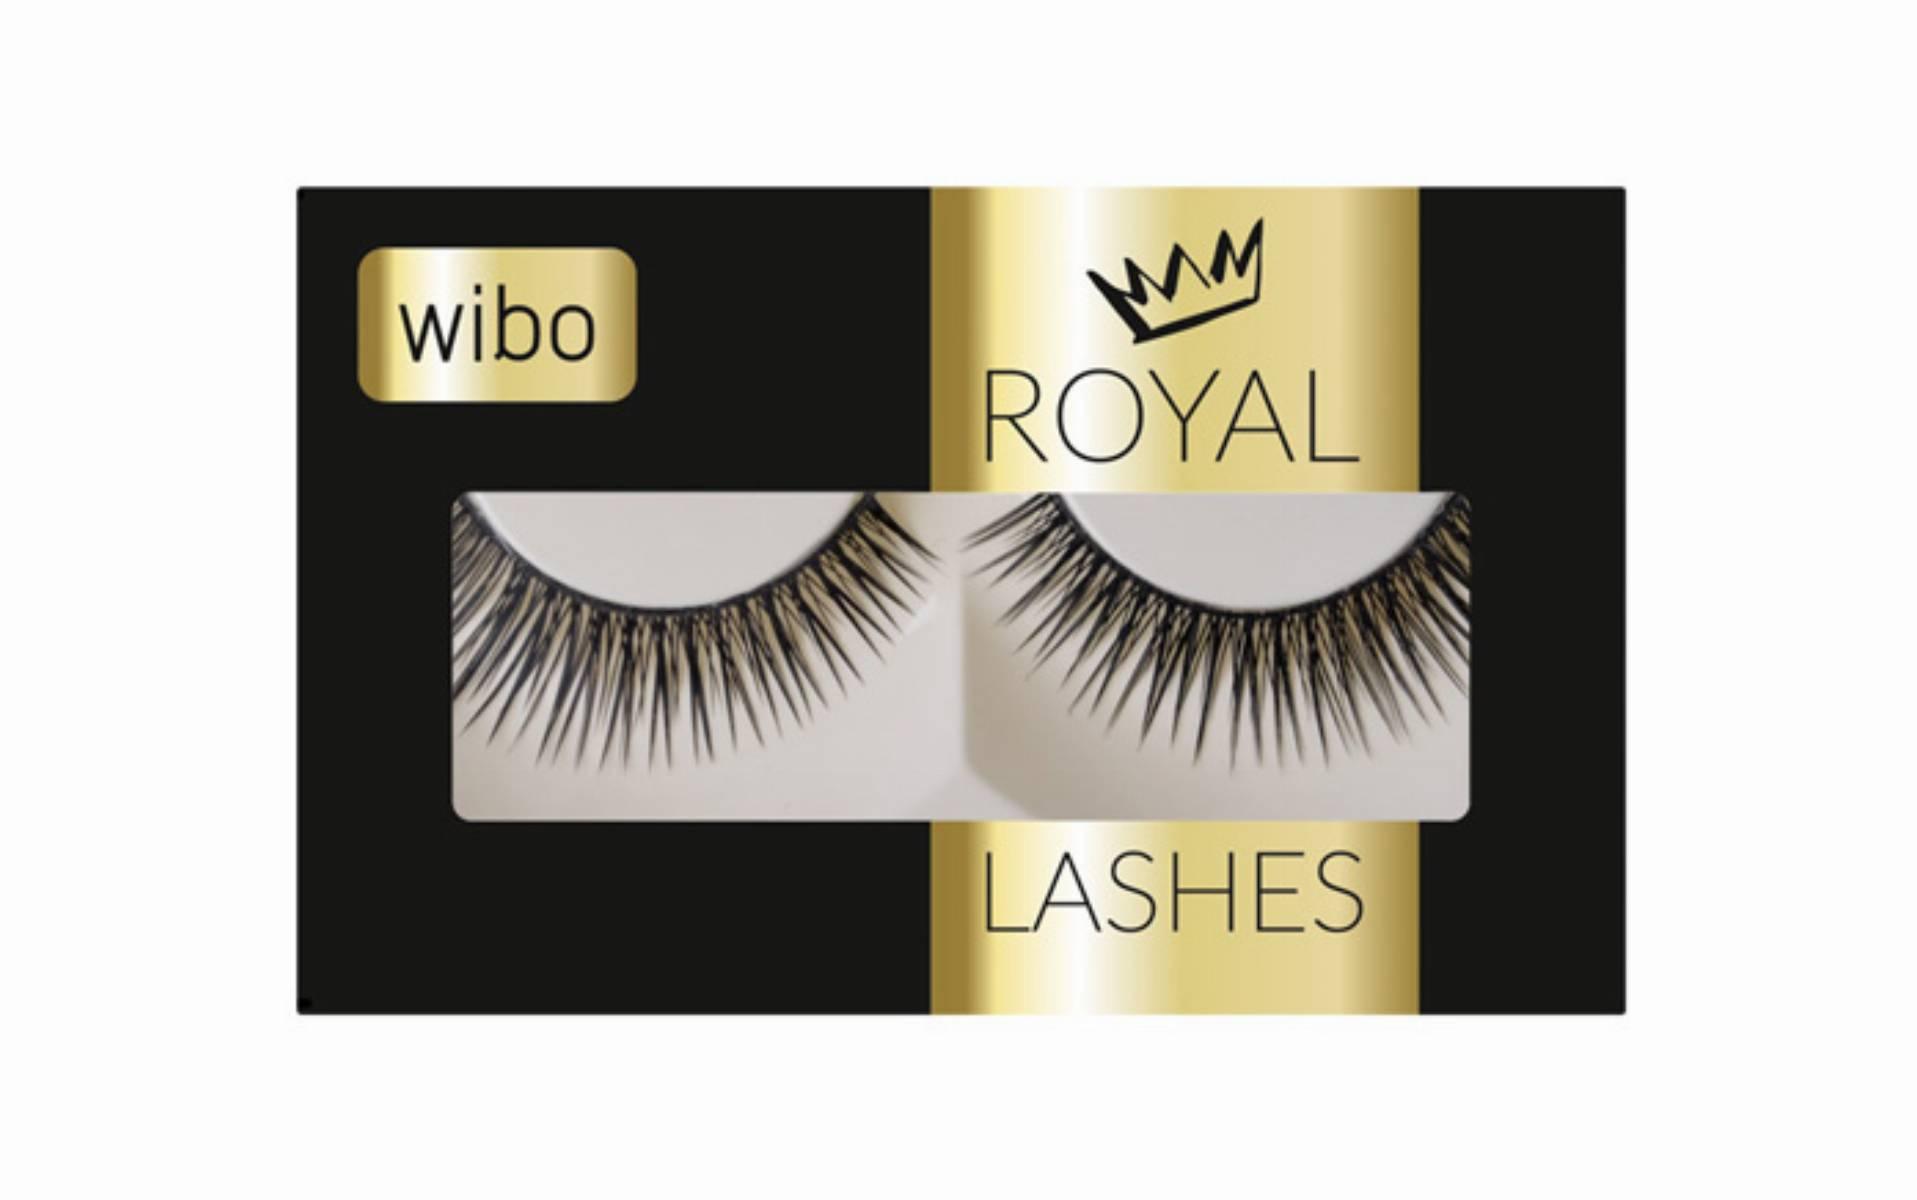 WIBO_Royal Lashes 9,90 zł